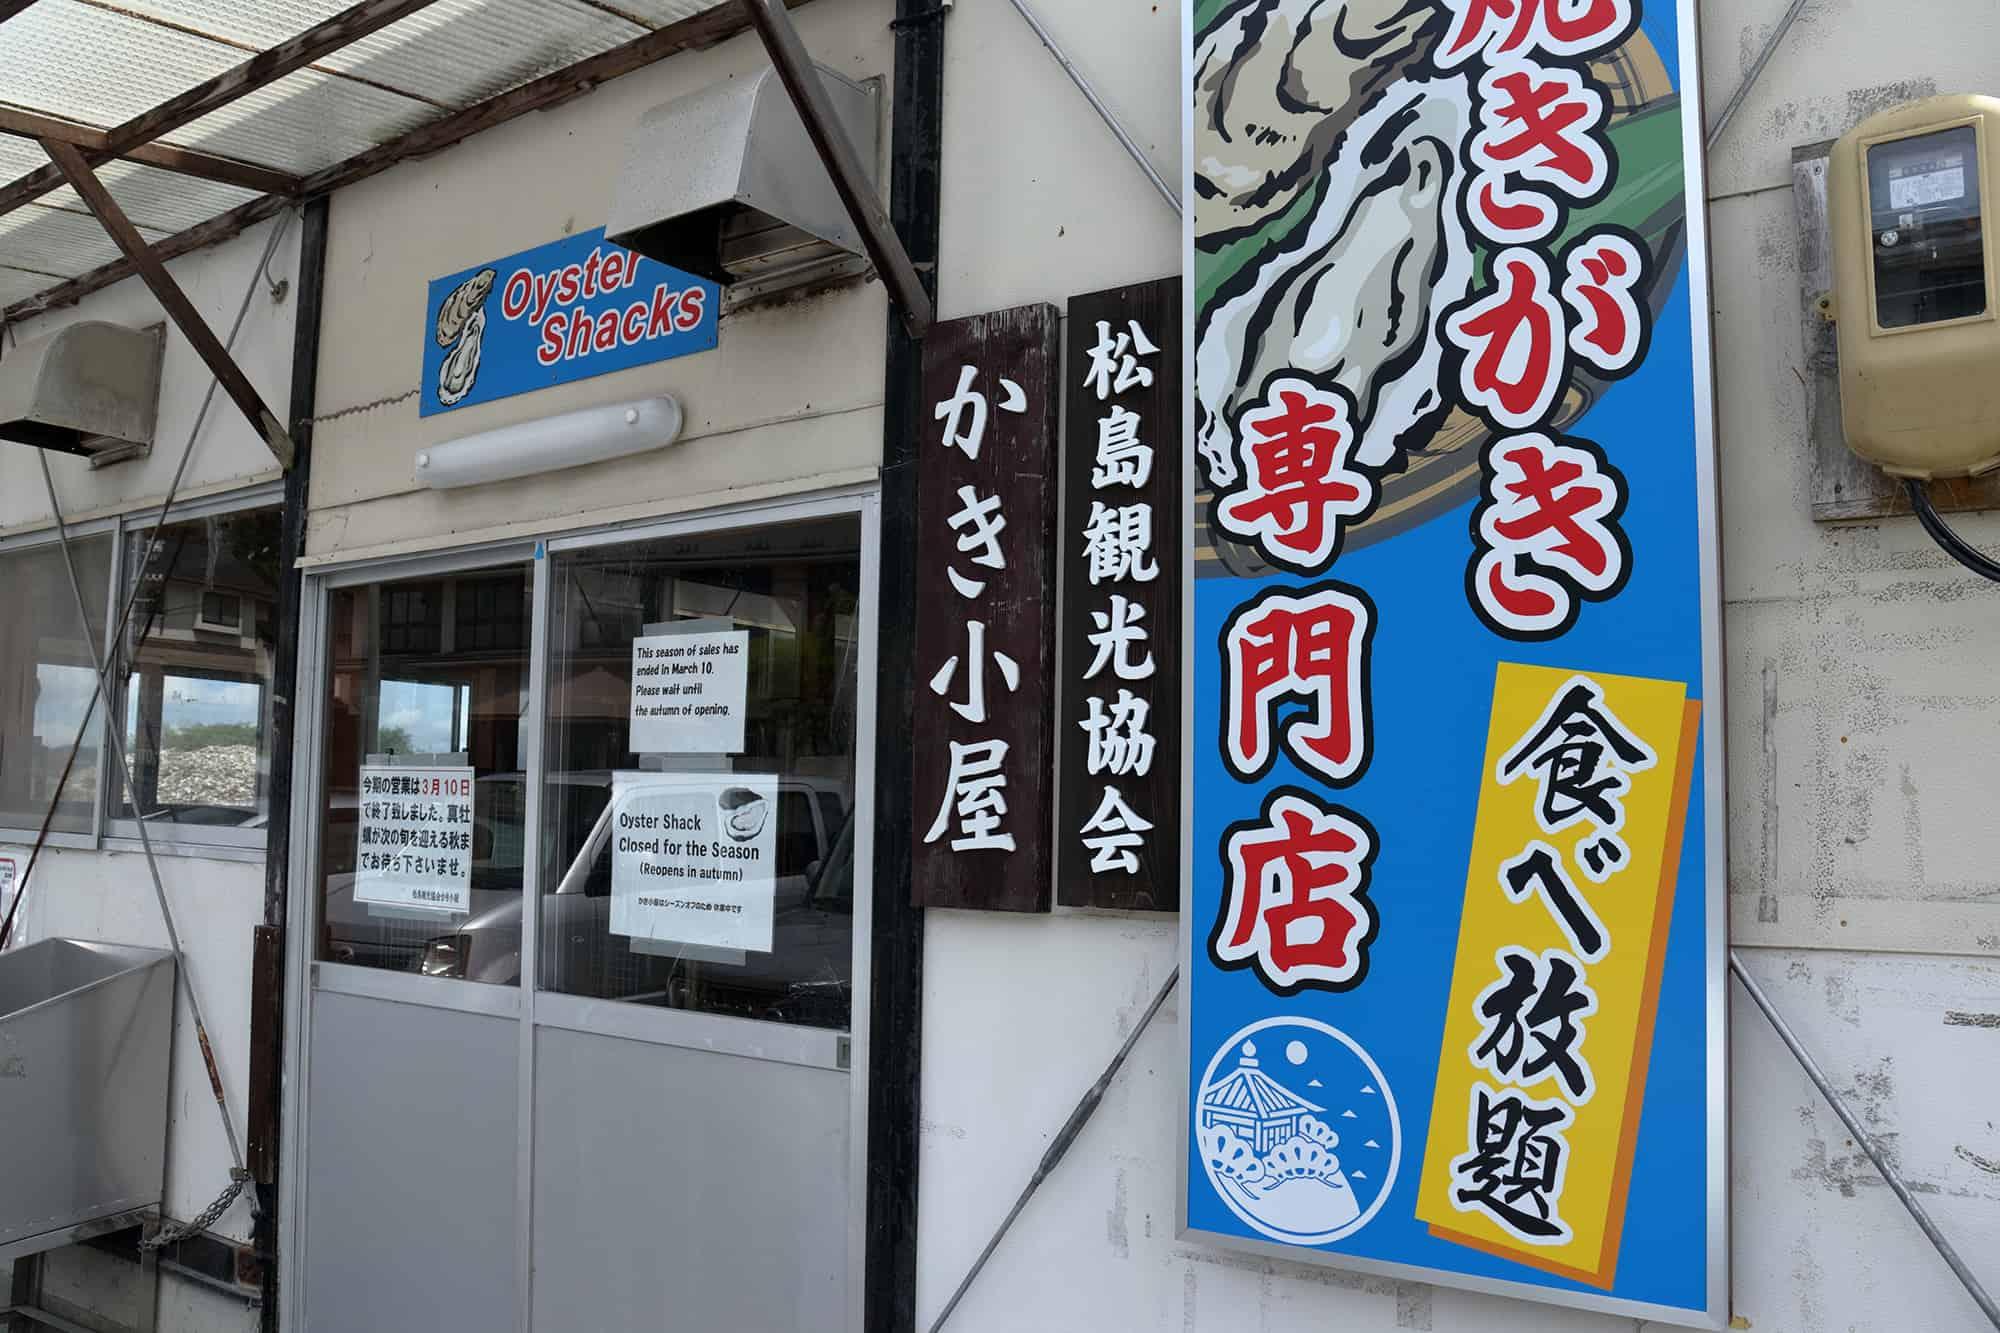 บุฟเฟ่ต์หอยนางรม มัตสึชิมะ : Matsushima Tourism Association Oyster Shacks